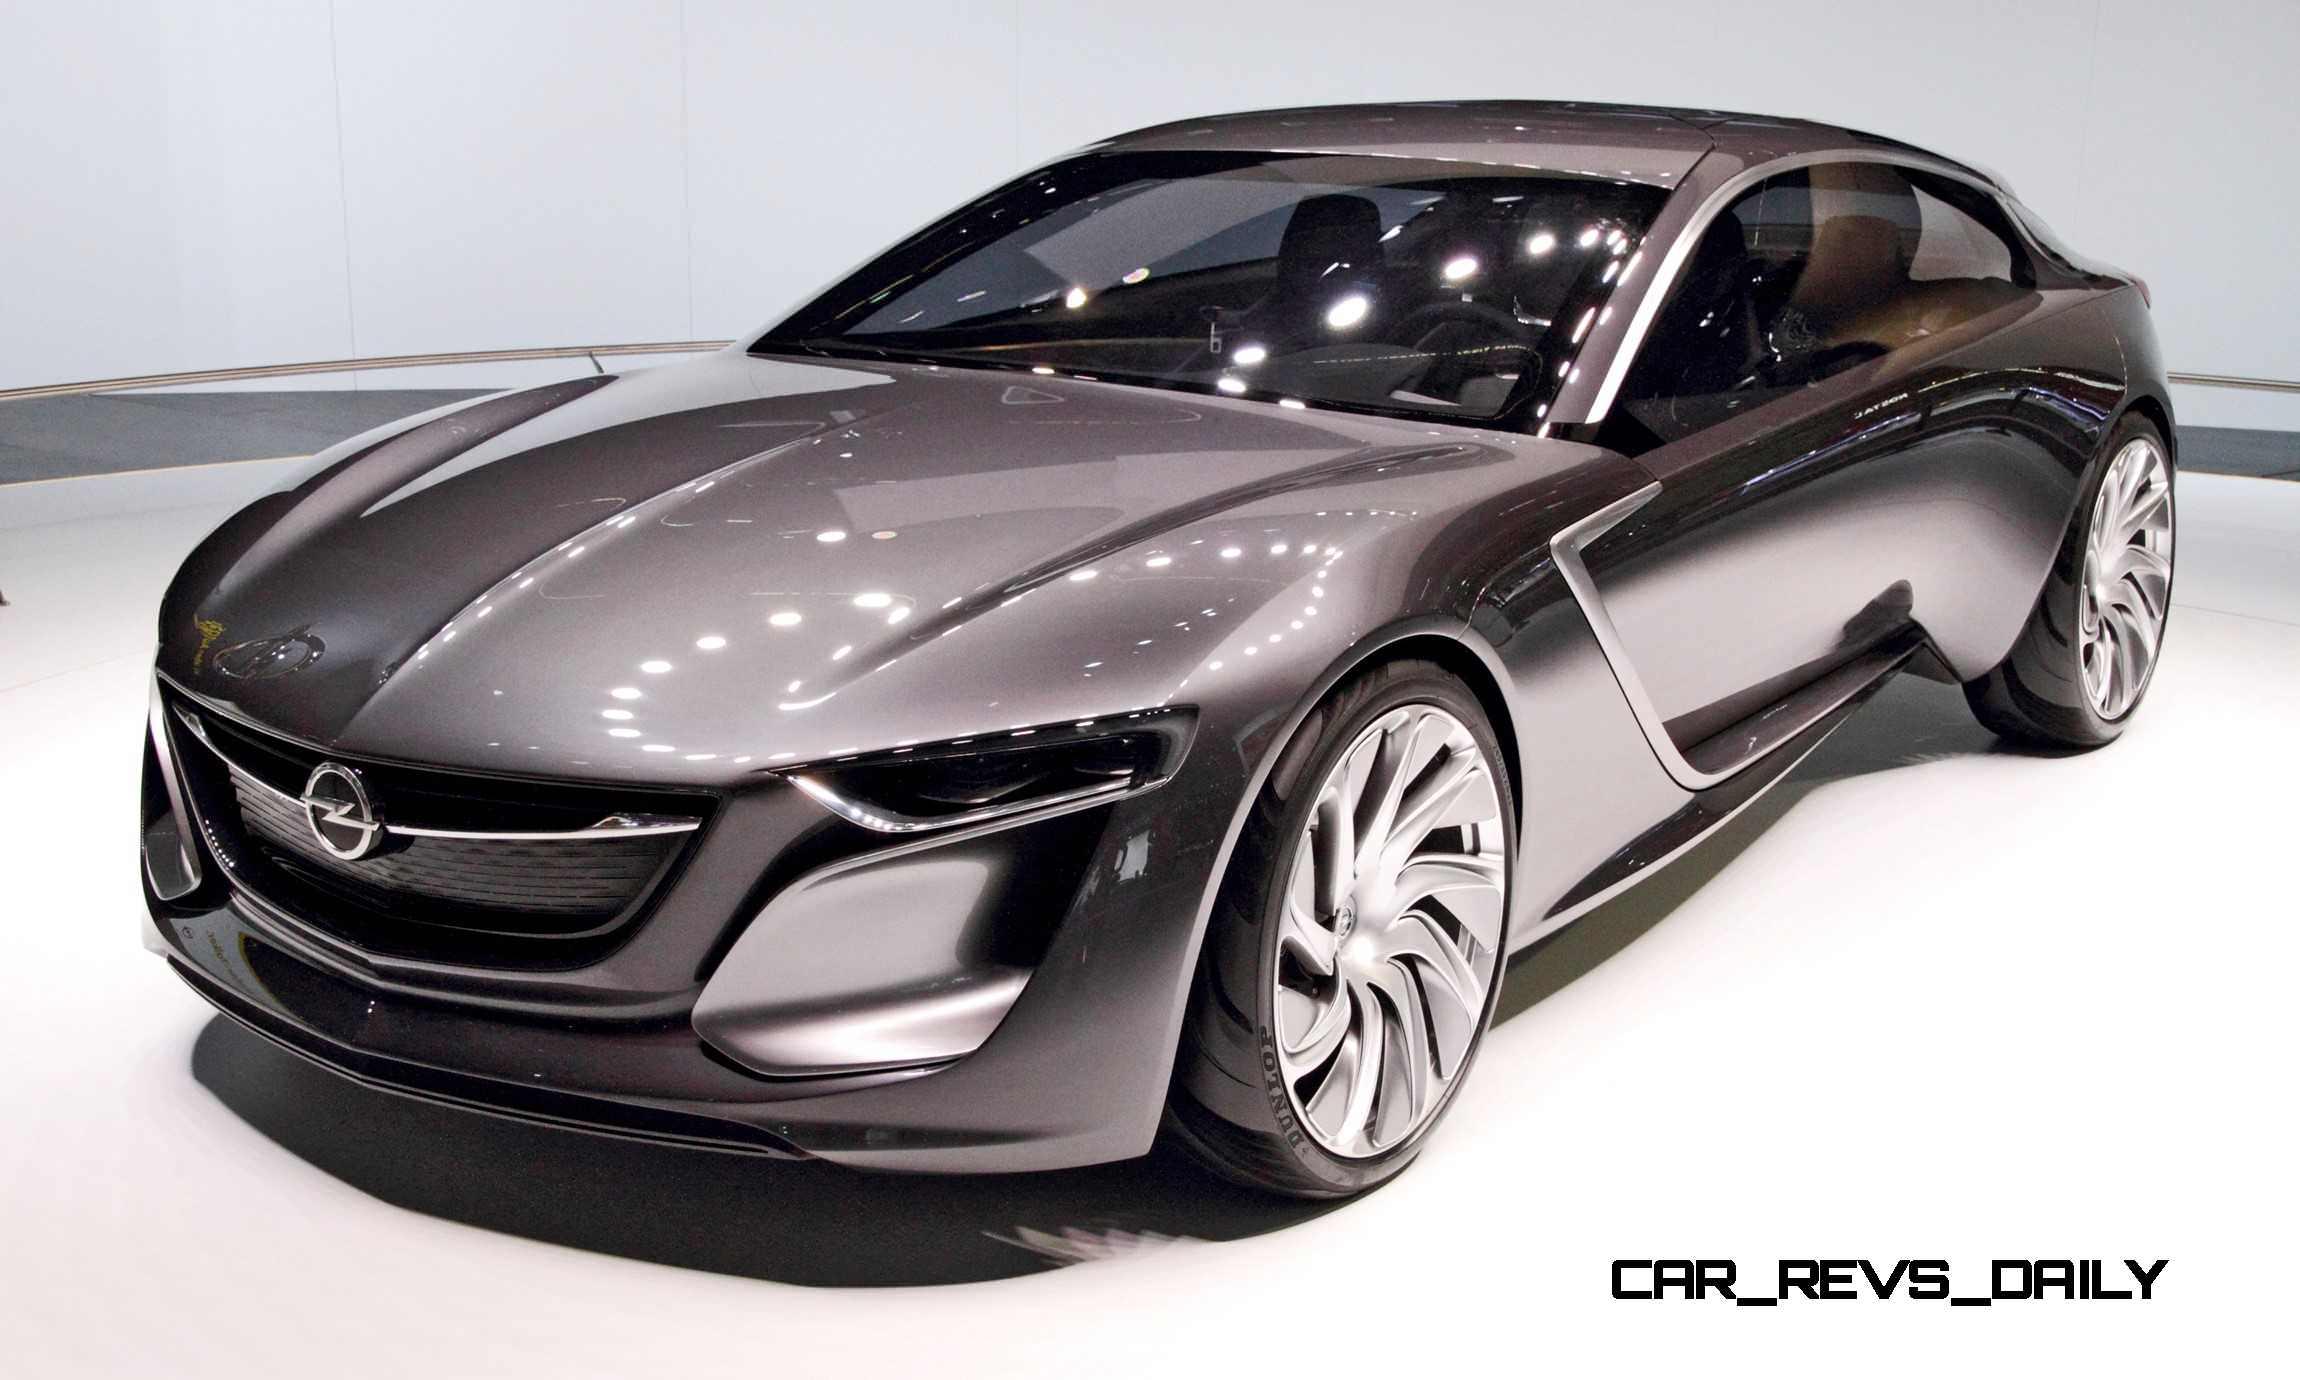 2013 Opel Vauxhall Monza